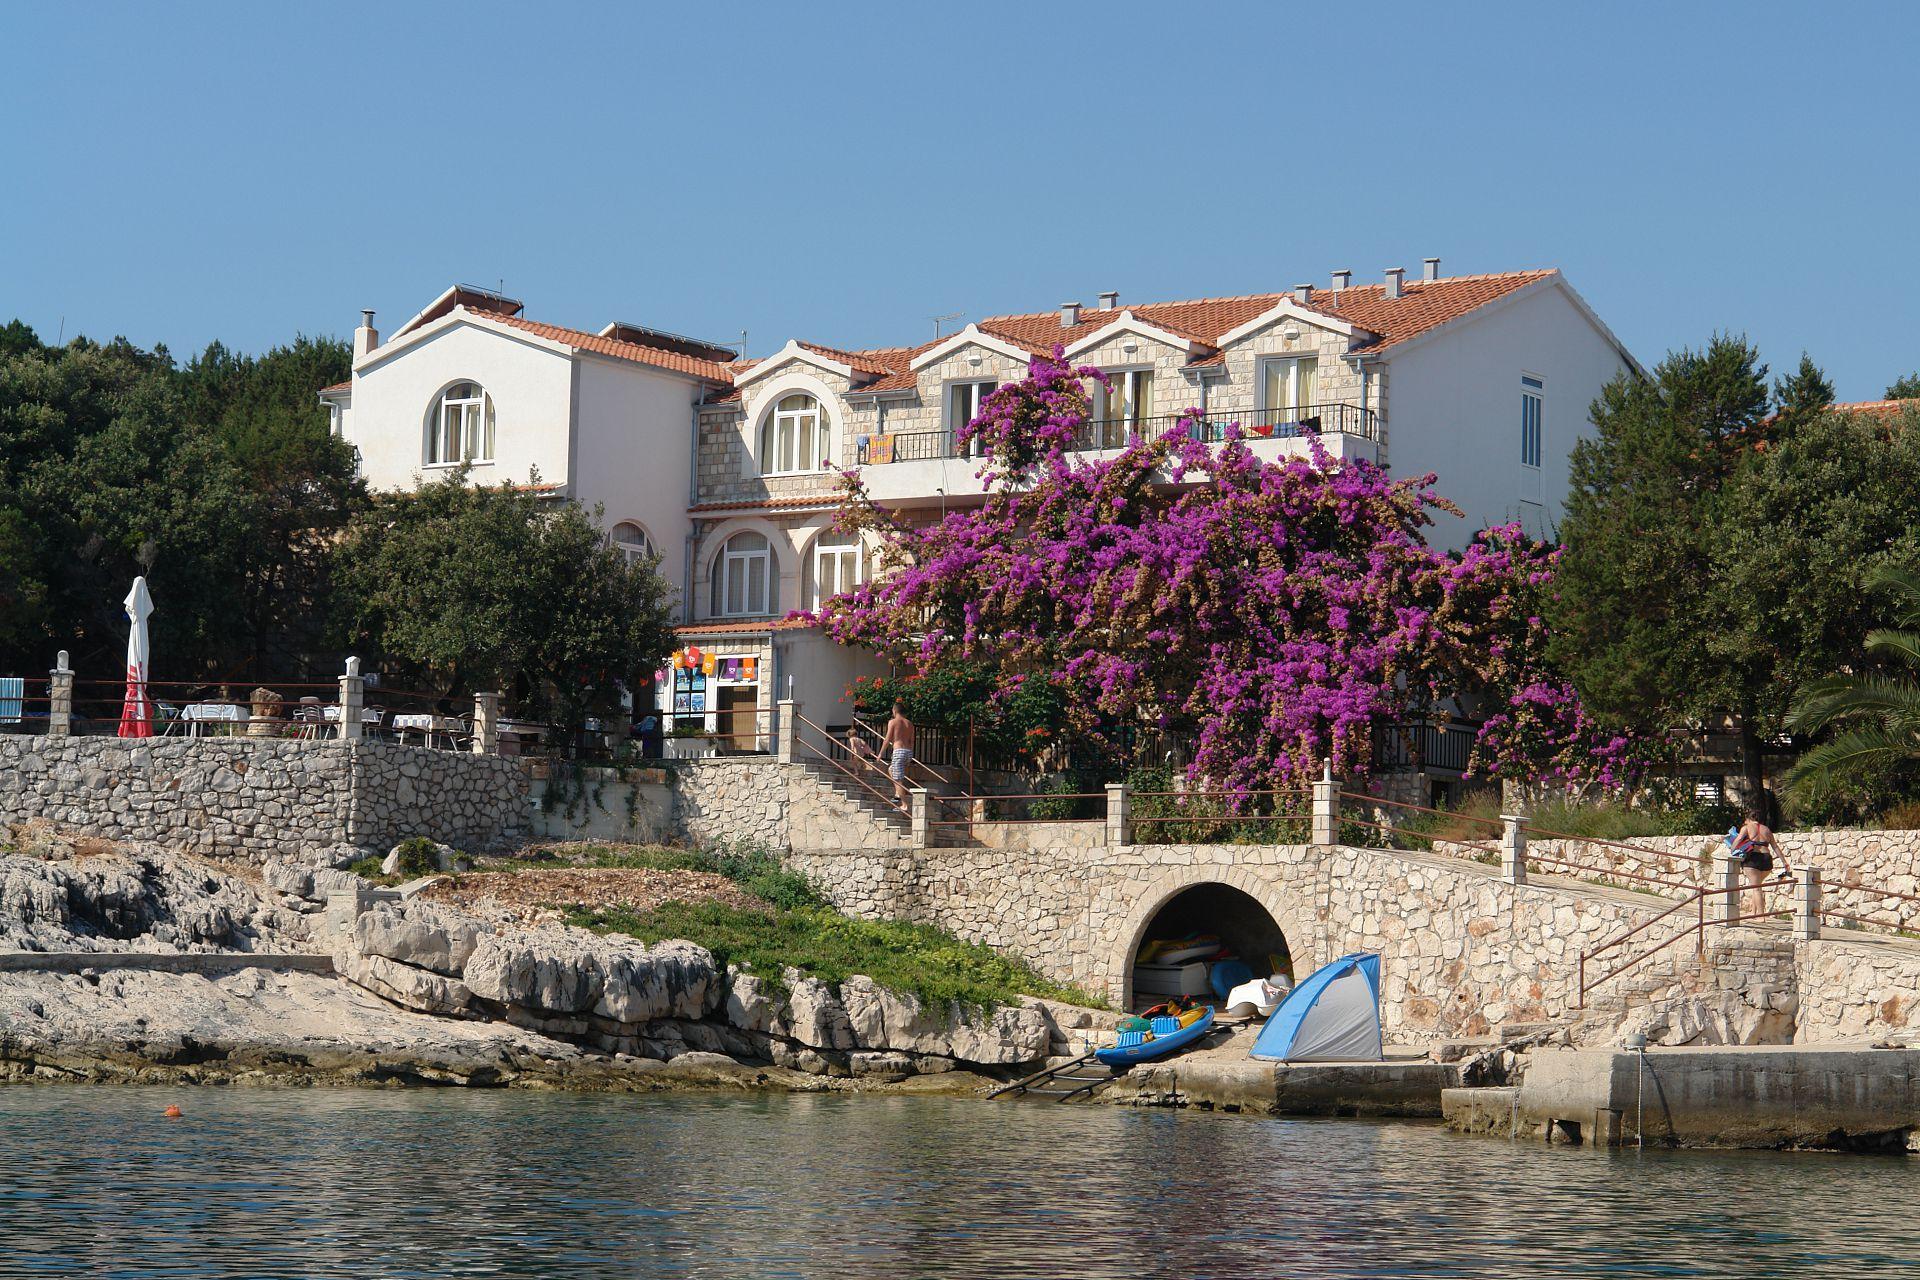 7973  - Baia Pokrivenik - Alloggio nelle baie Croazia